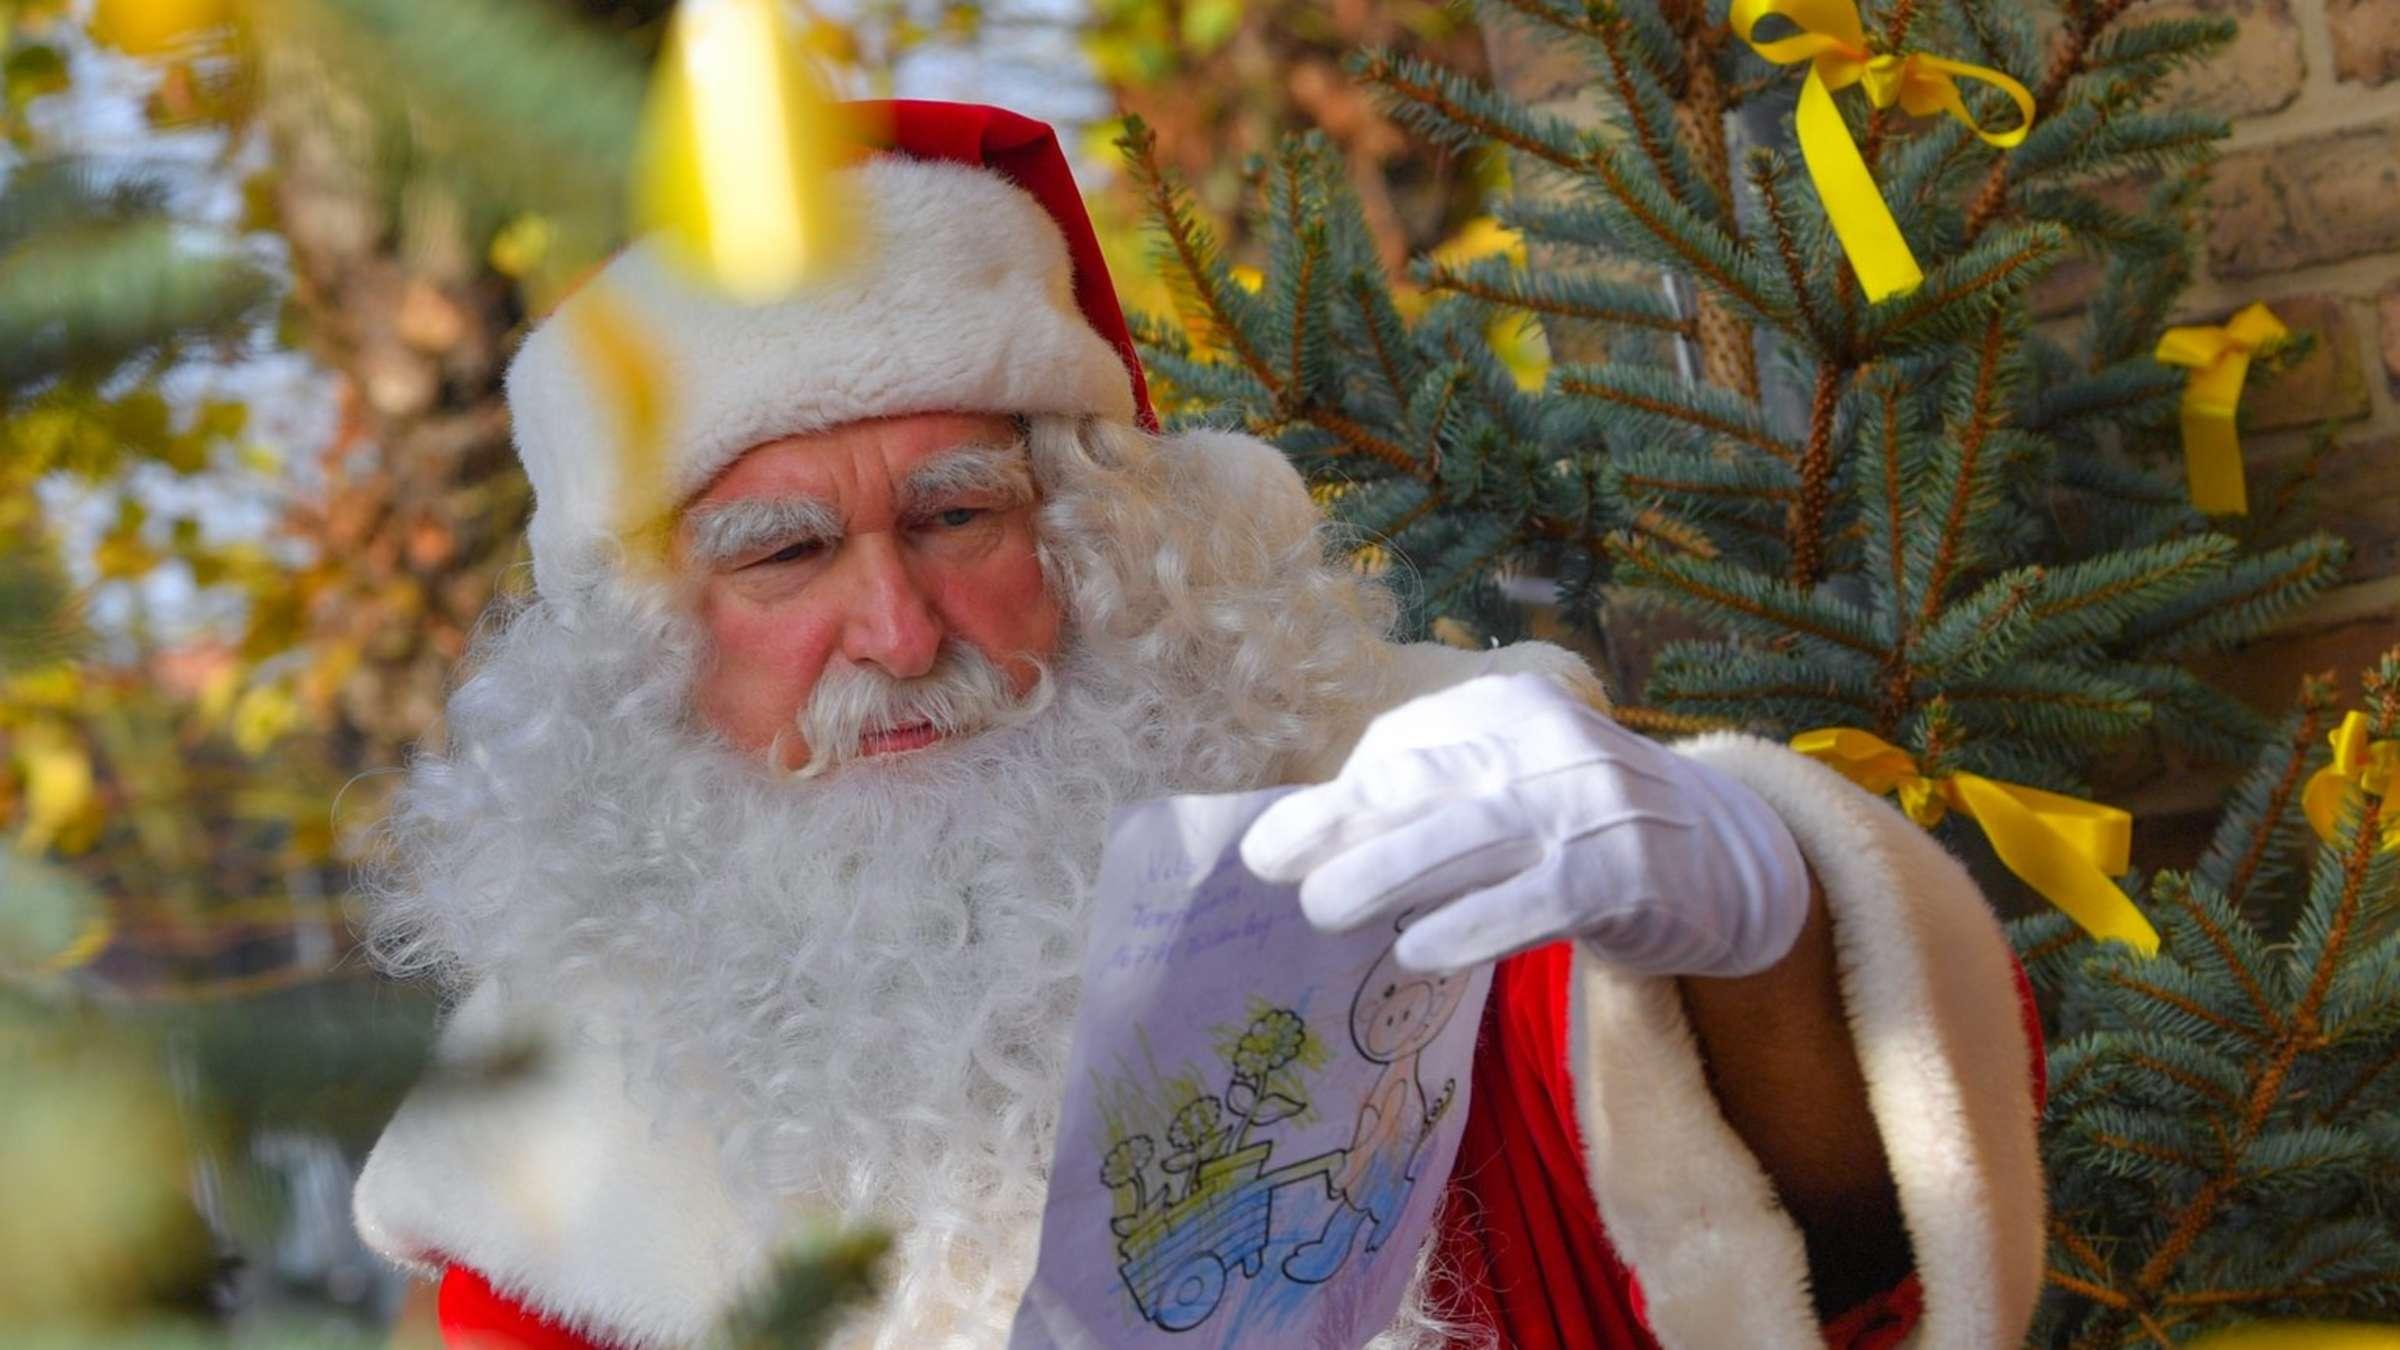 Kindern Den Glauben An Den Weihnachtsmann Lassen | Ratgeber mit Weihnachtsmann Kinder